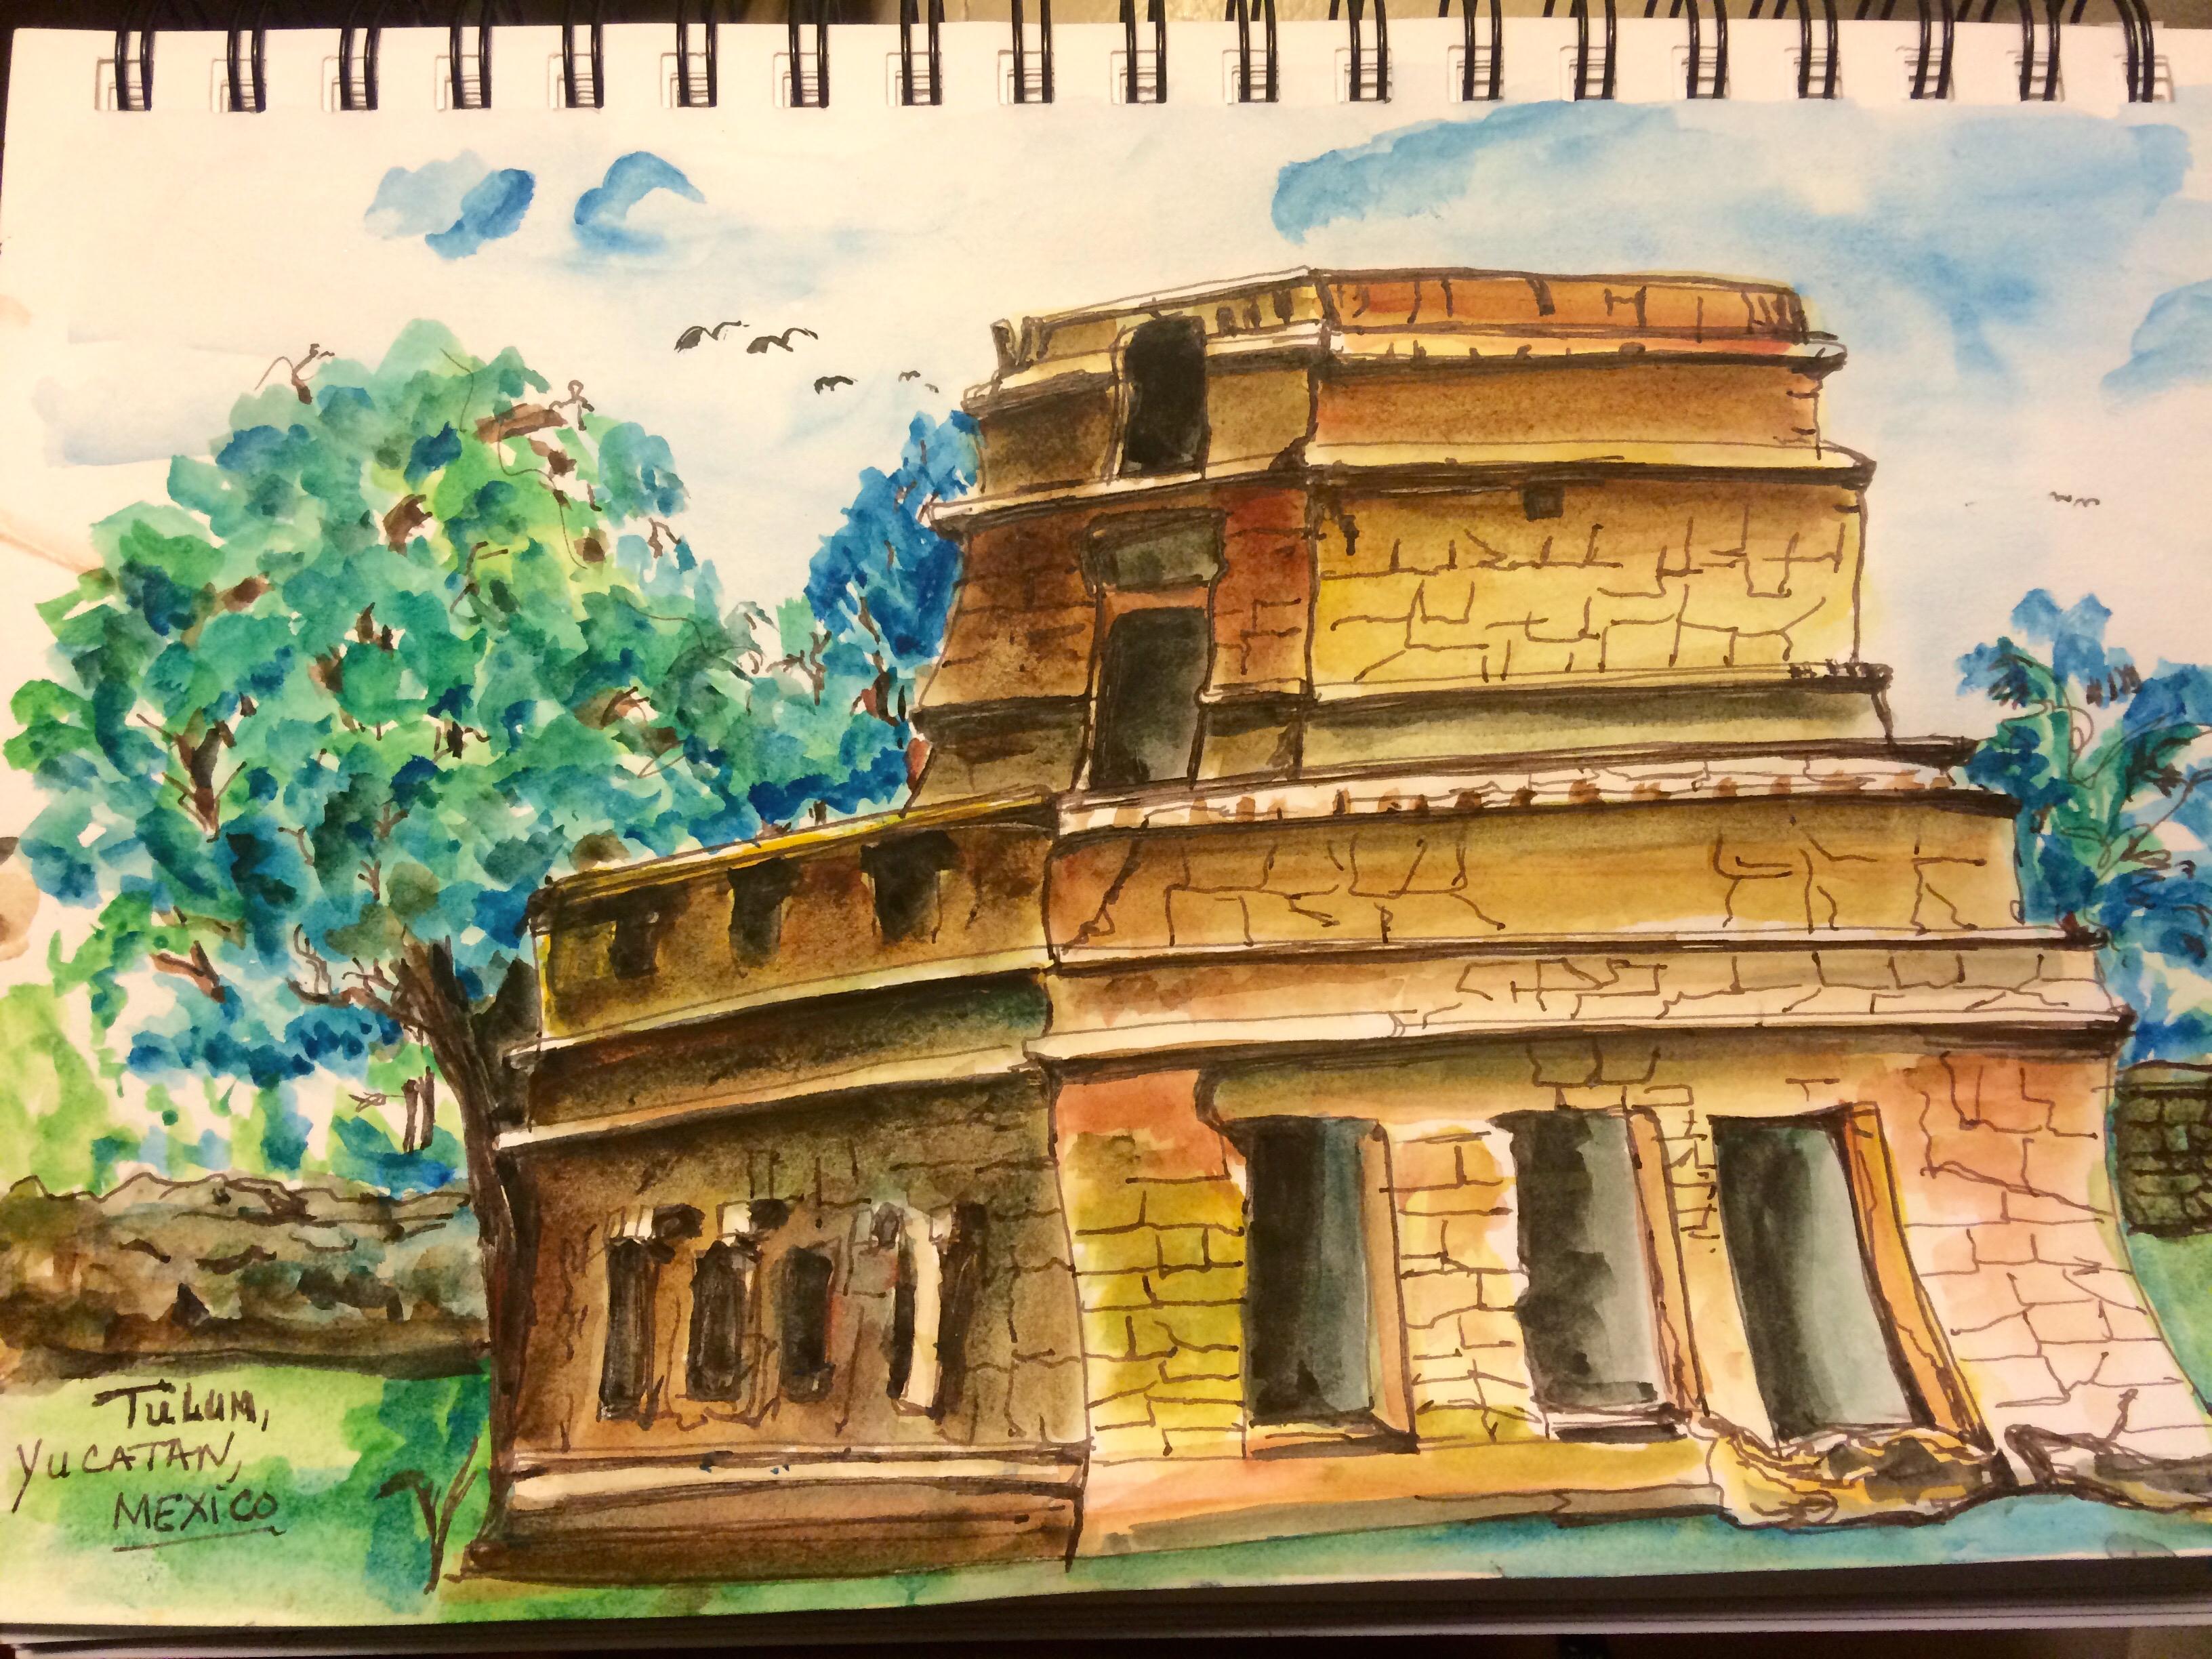 Tulum watercolor sketch